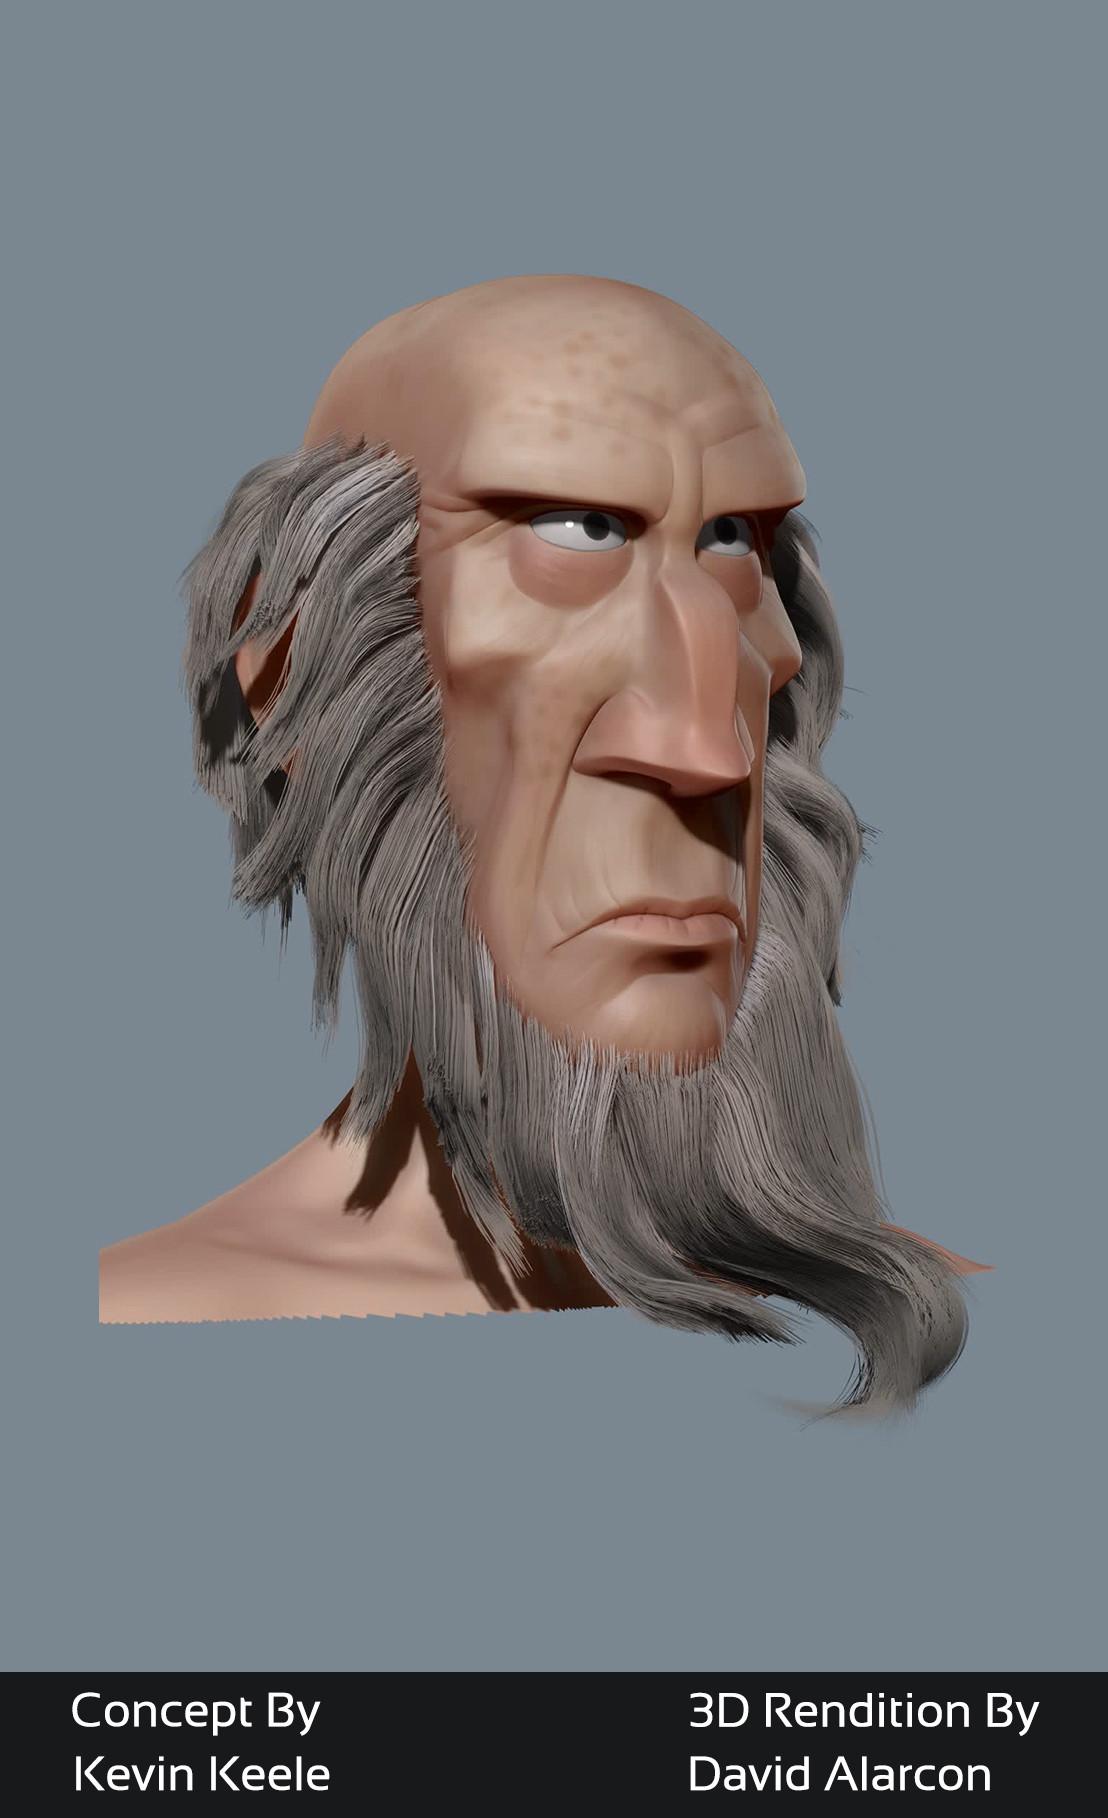 David alarcon oldbeardman